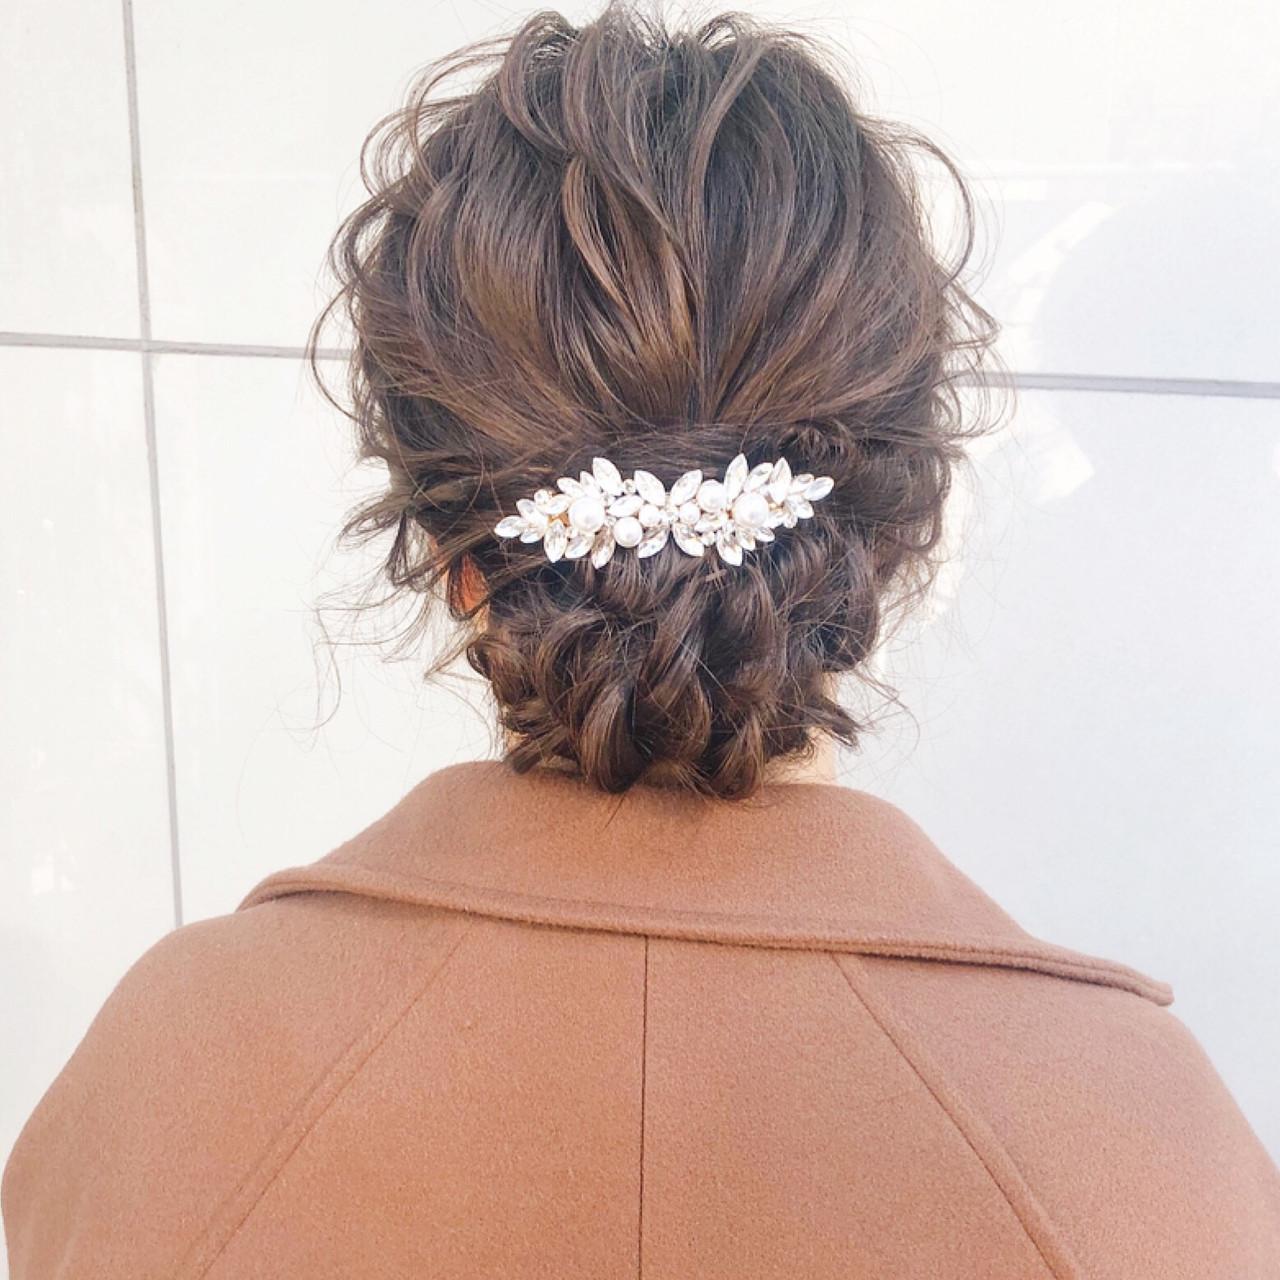 デート 簡単ヘアアレンジ アンニュイほつれヘア ロング ヘアスタイルや髪型の写真・画像